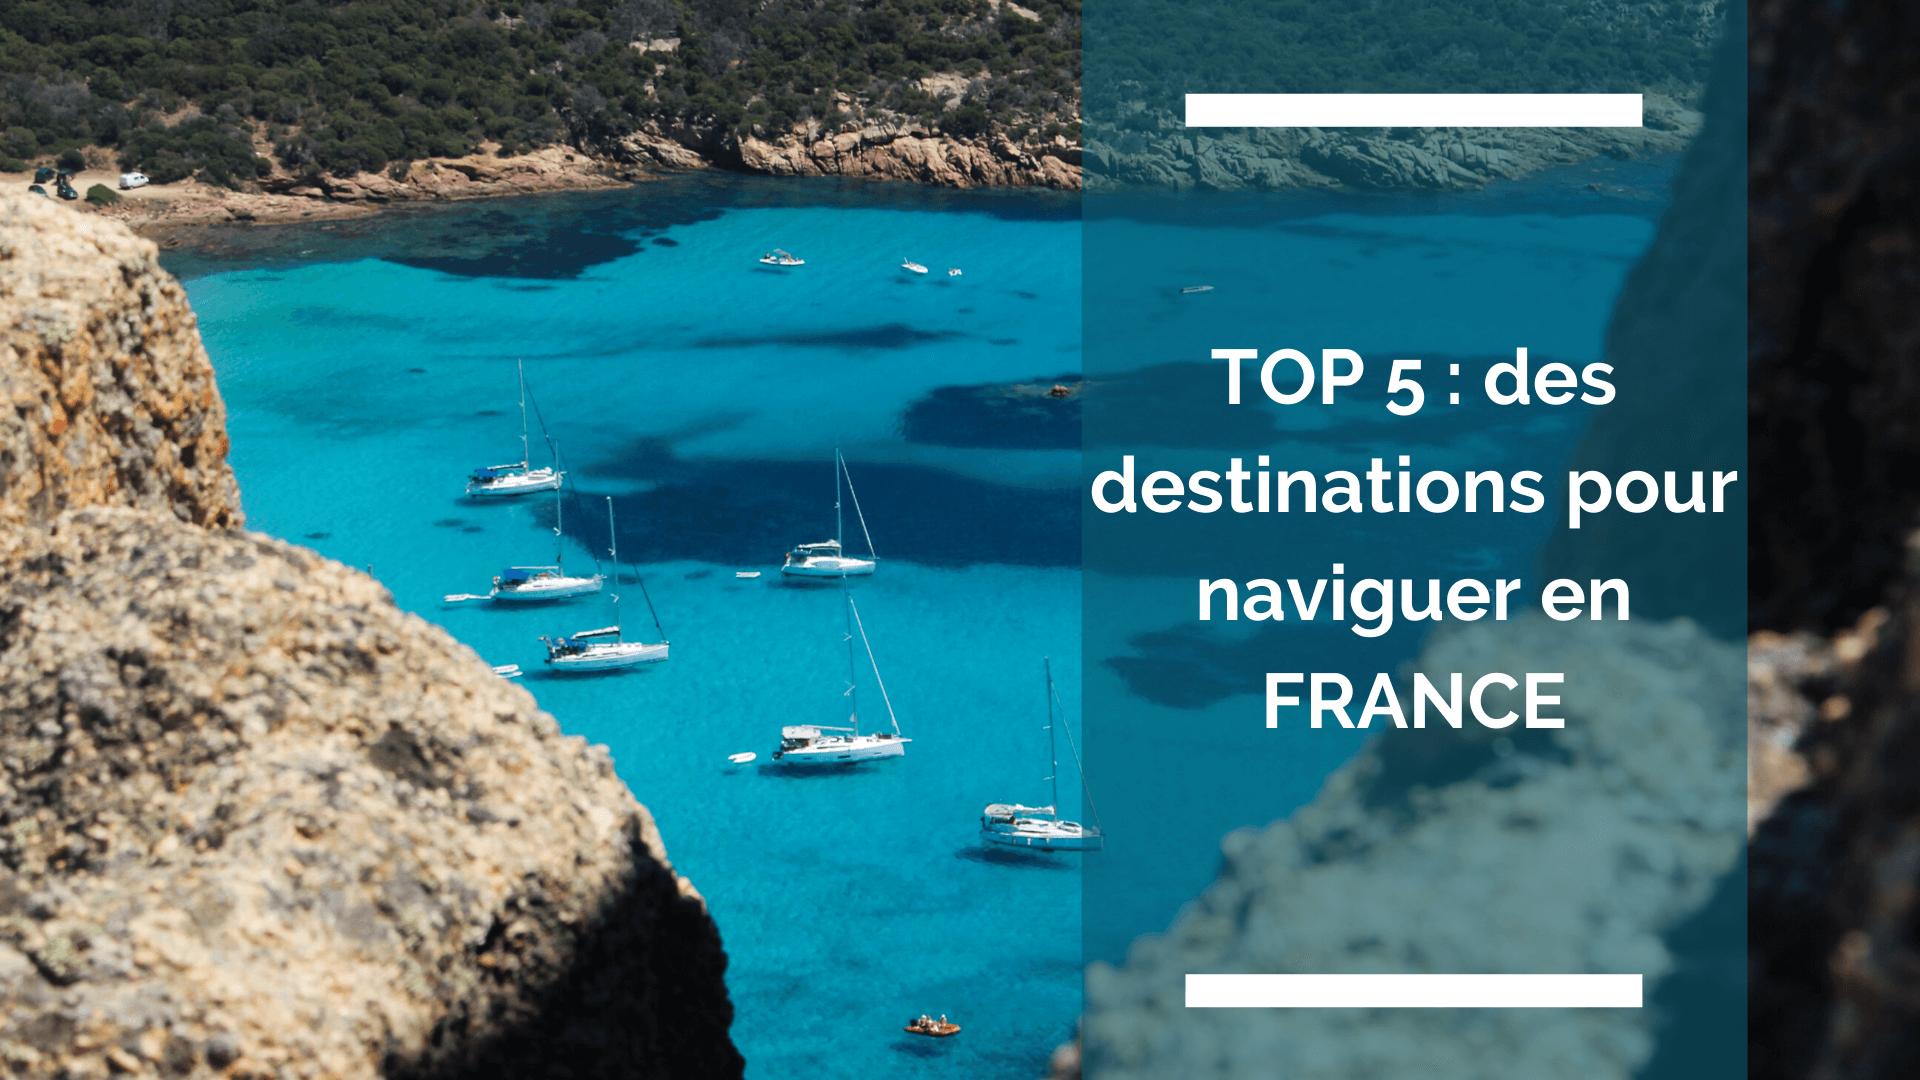 Photo d'une vue en Corse, endroit idé pour naviguer en bateau